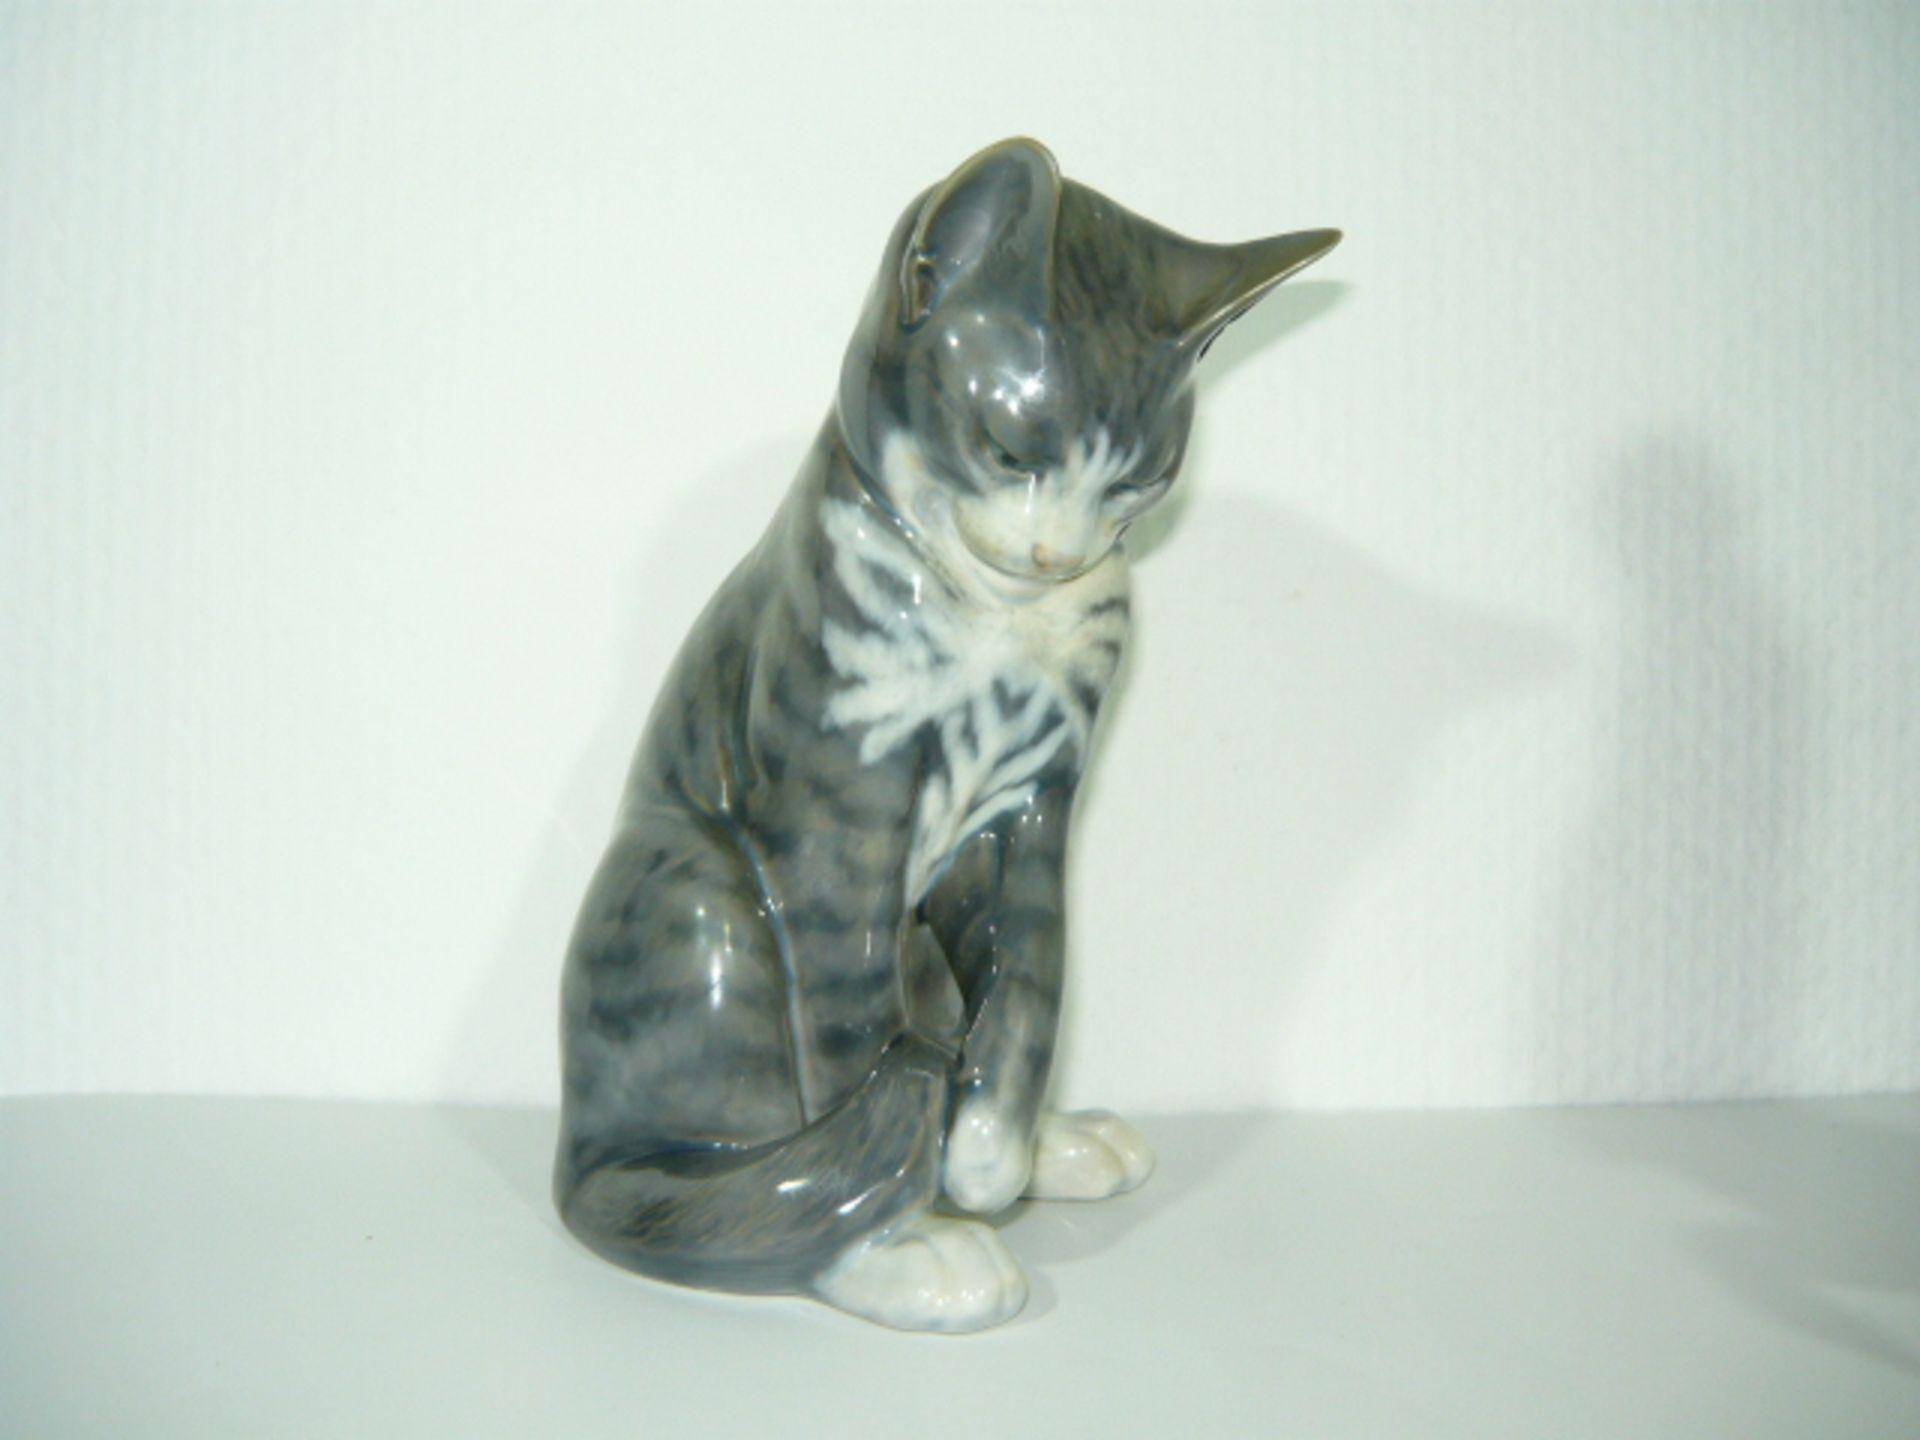 Royal Copenhagen. Große sitzende Katze. Naturalistische Unterglasurbemalunmg. II.W. H. ca. 20cm.